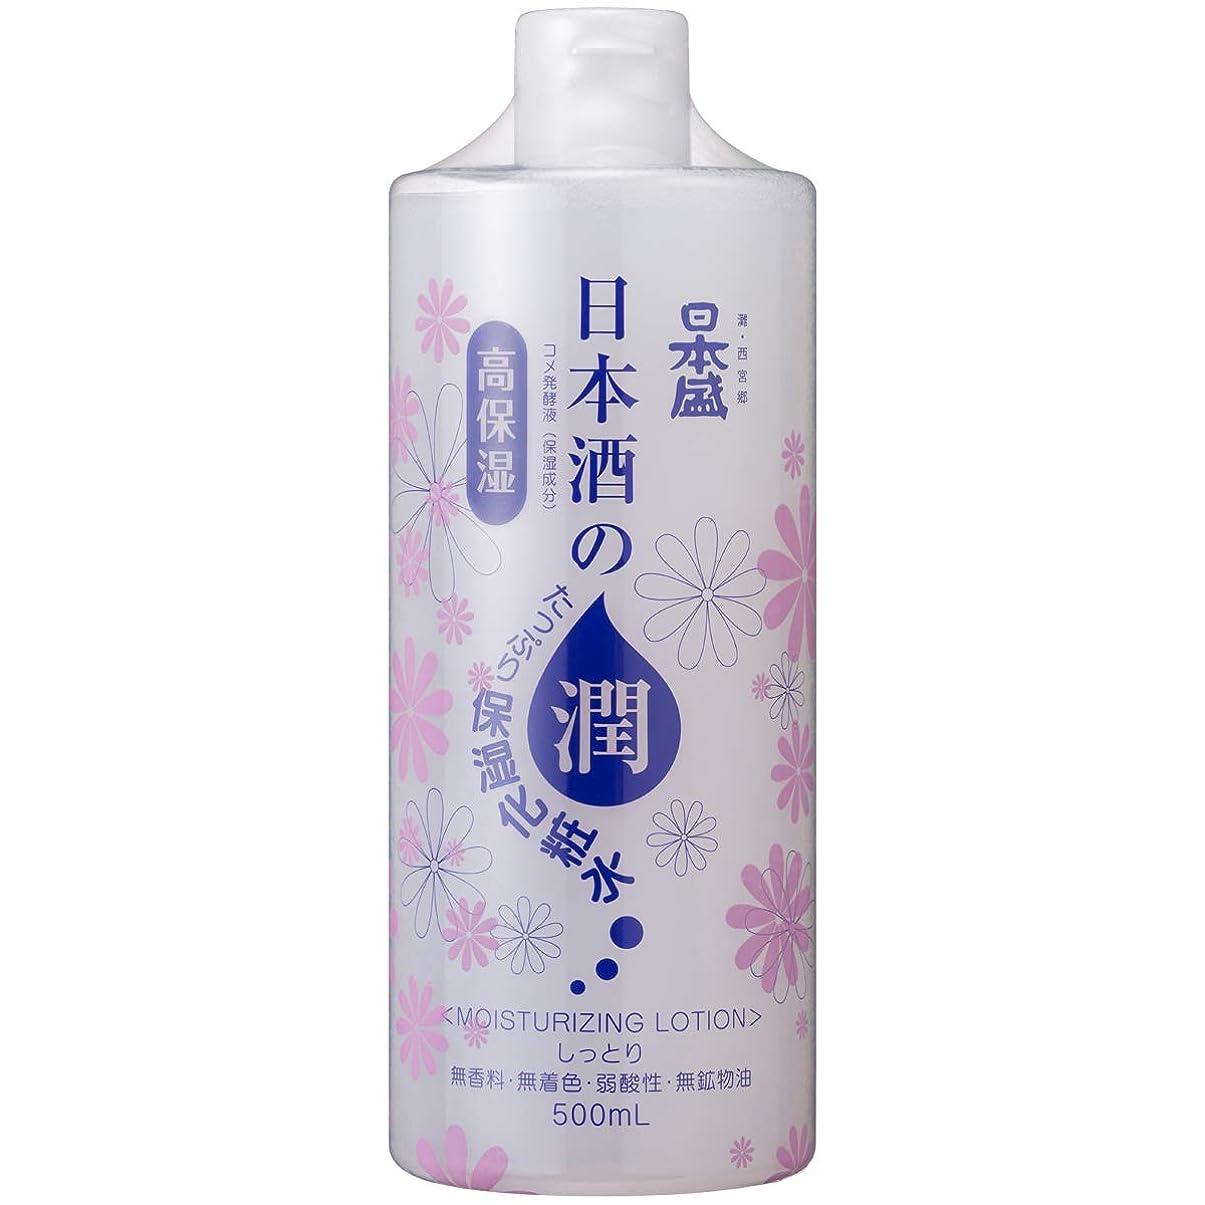 キャンディー強盗発疹日本酒の保湿化粧水 しっとり 500mL